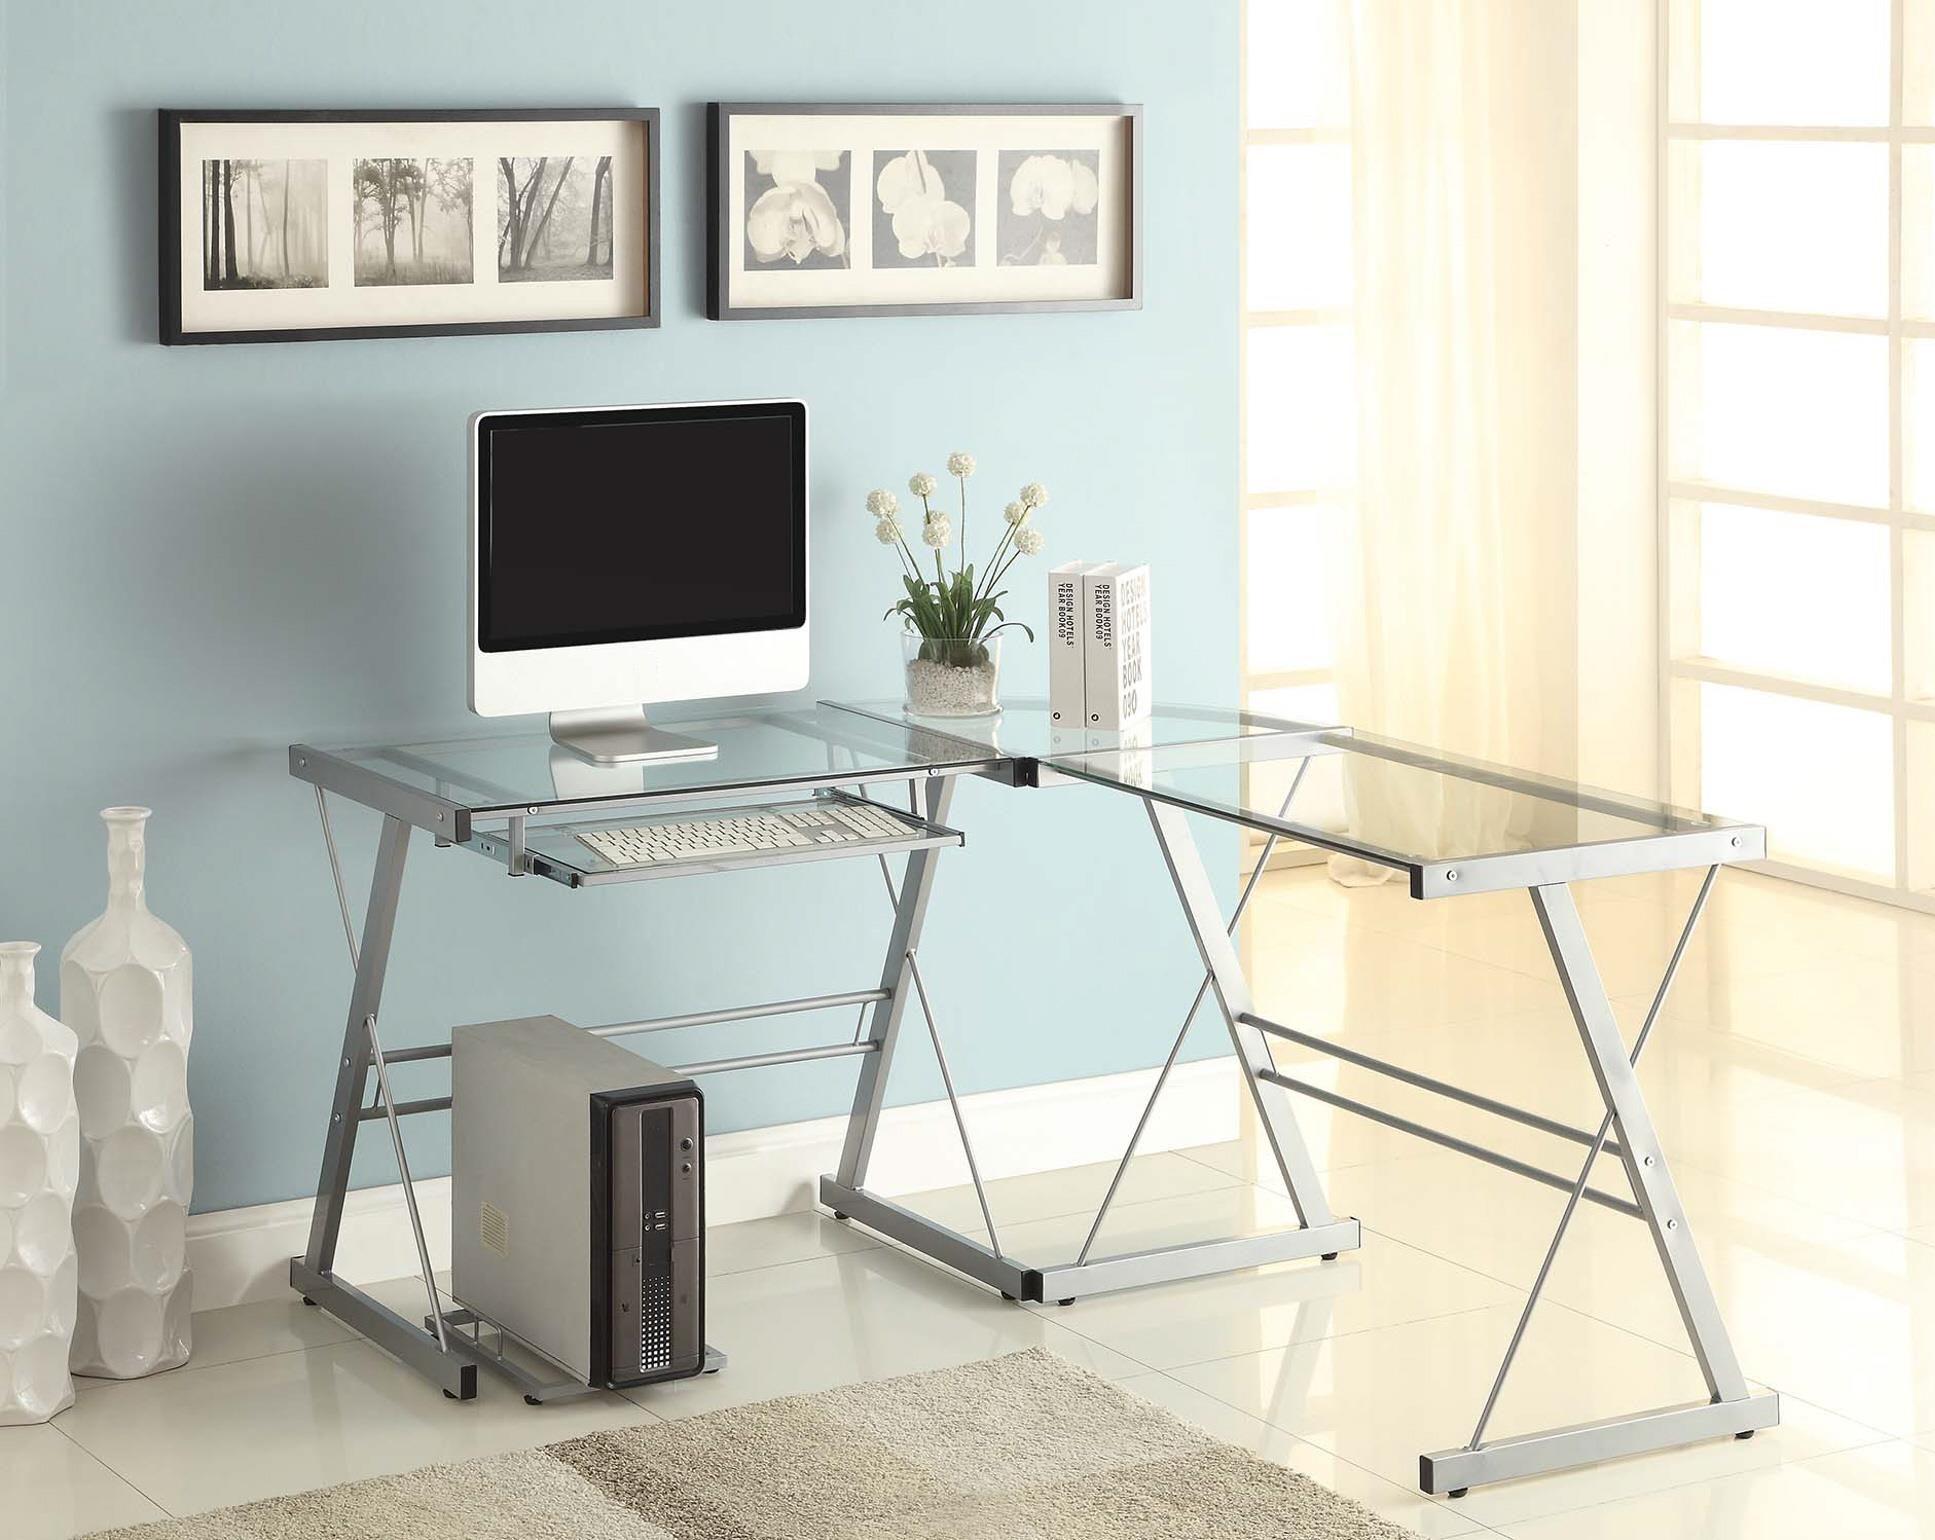 Used Desks for Home Office - Diy Corner Desk Ideas Check more at ...